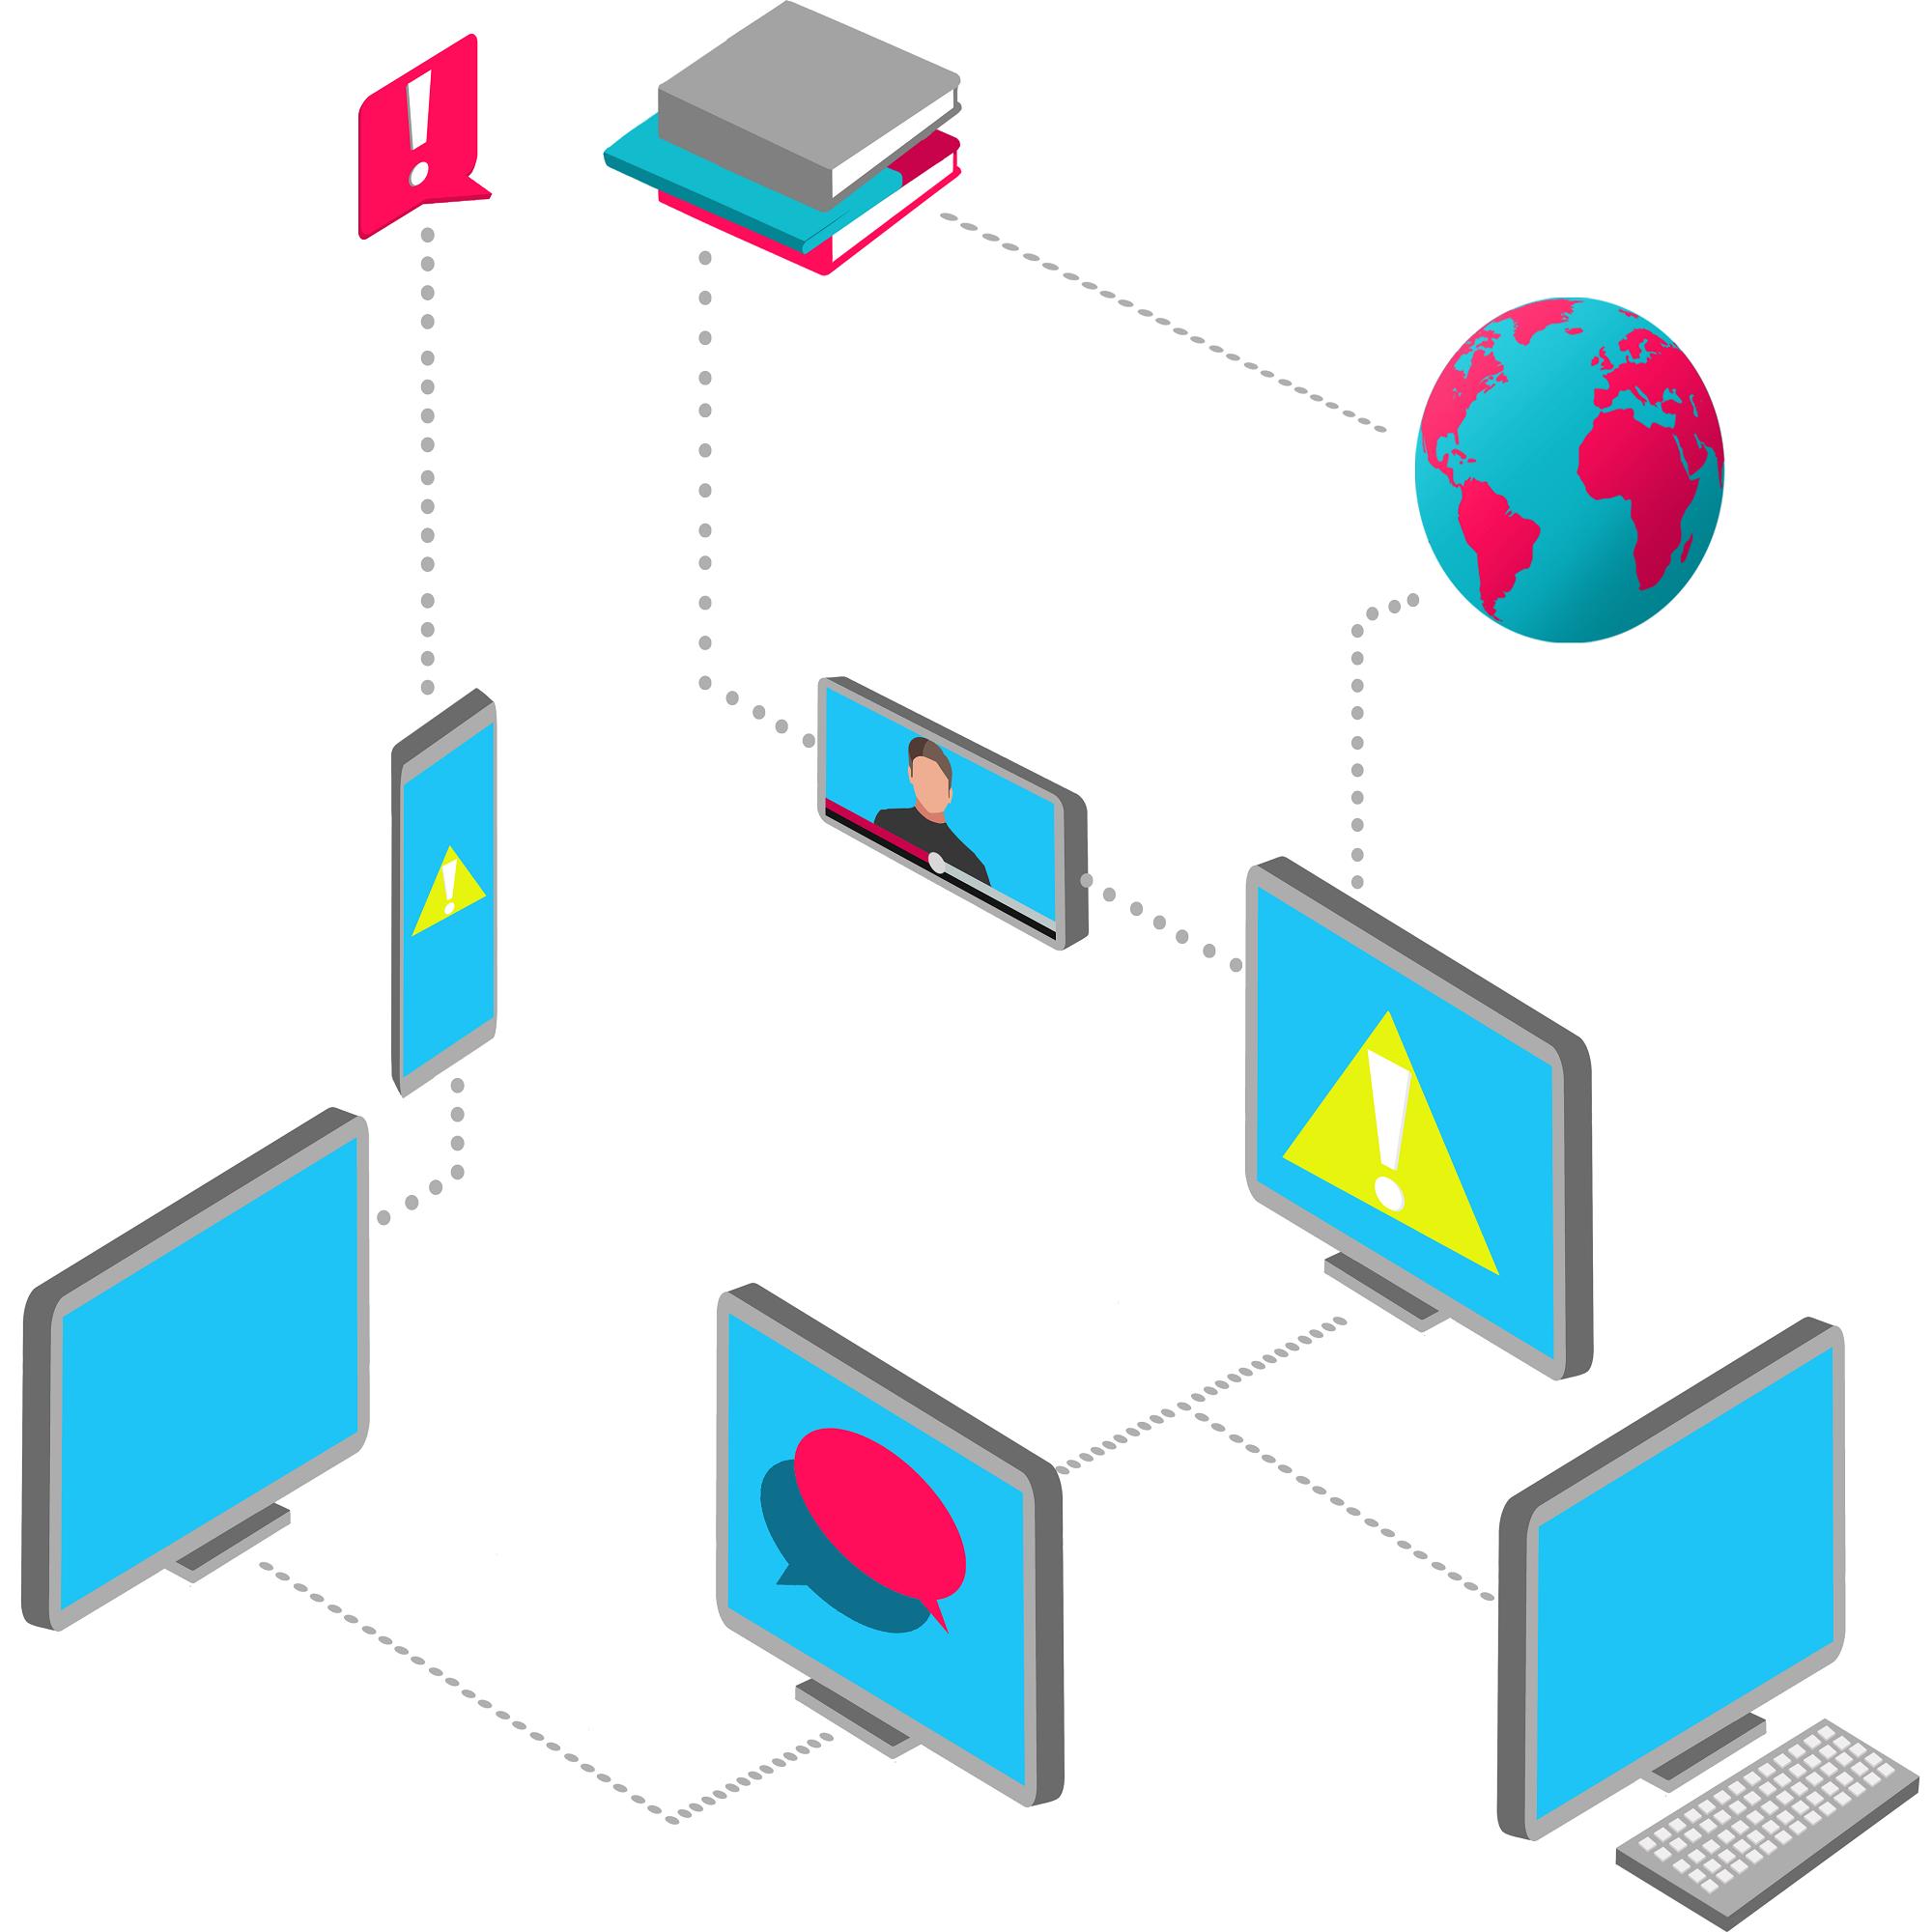 MOOC IN TOUCH-Connectivisme et collaboratif